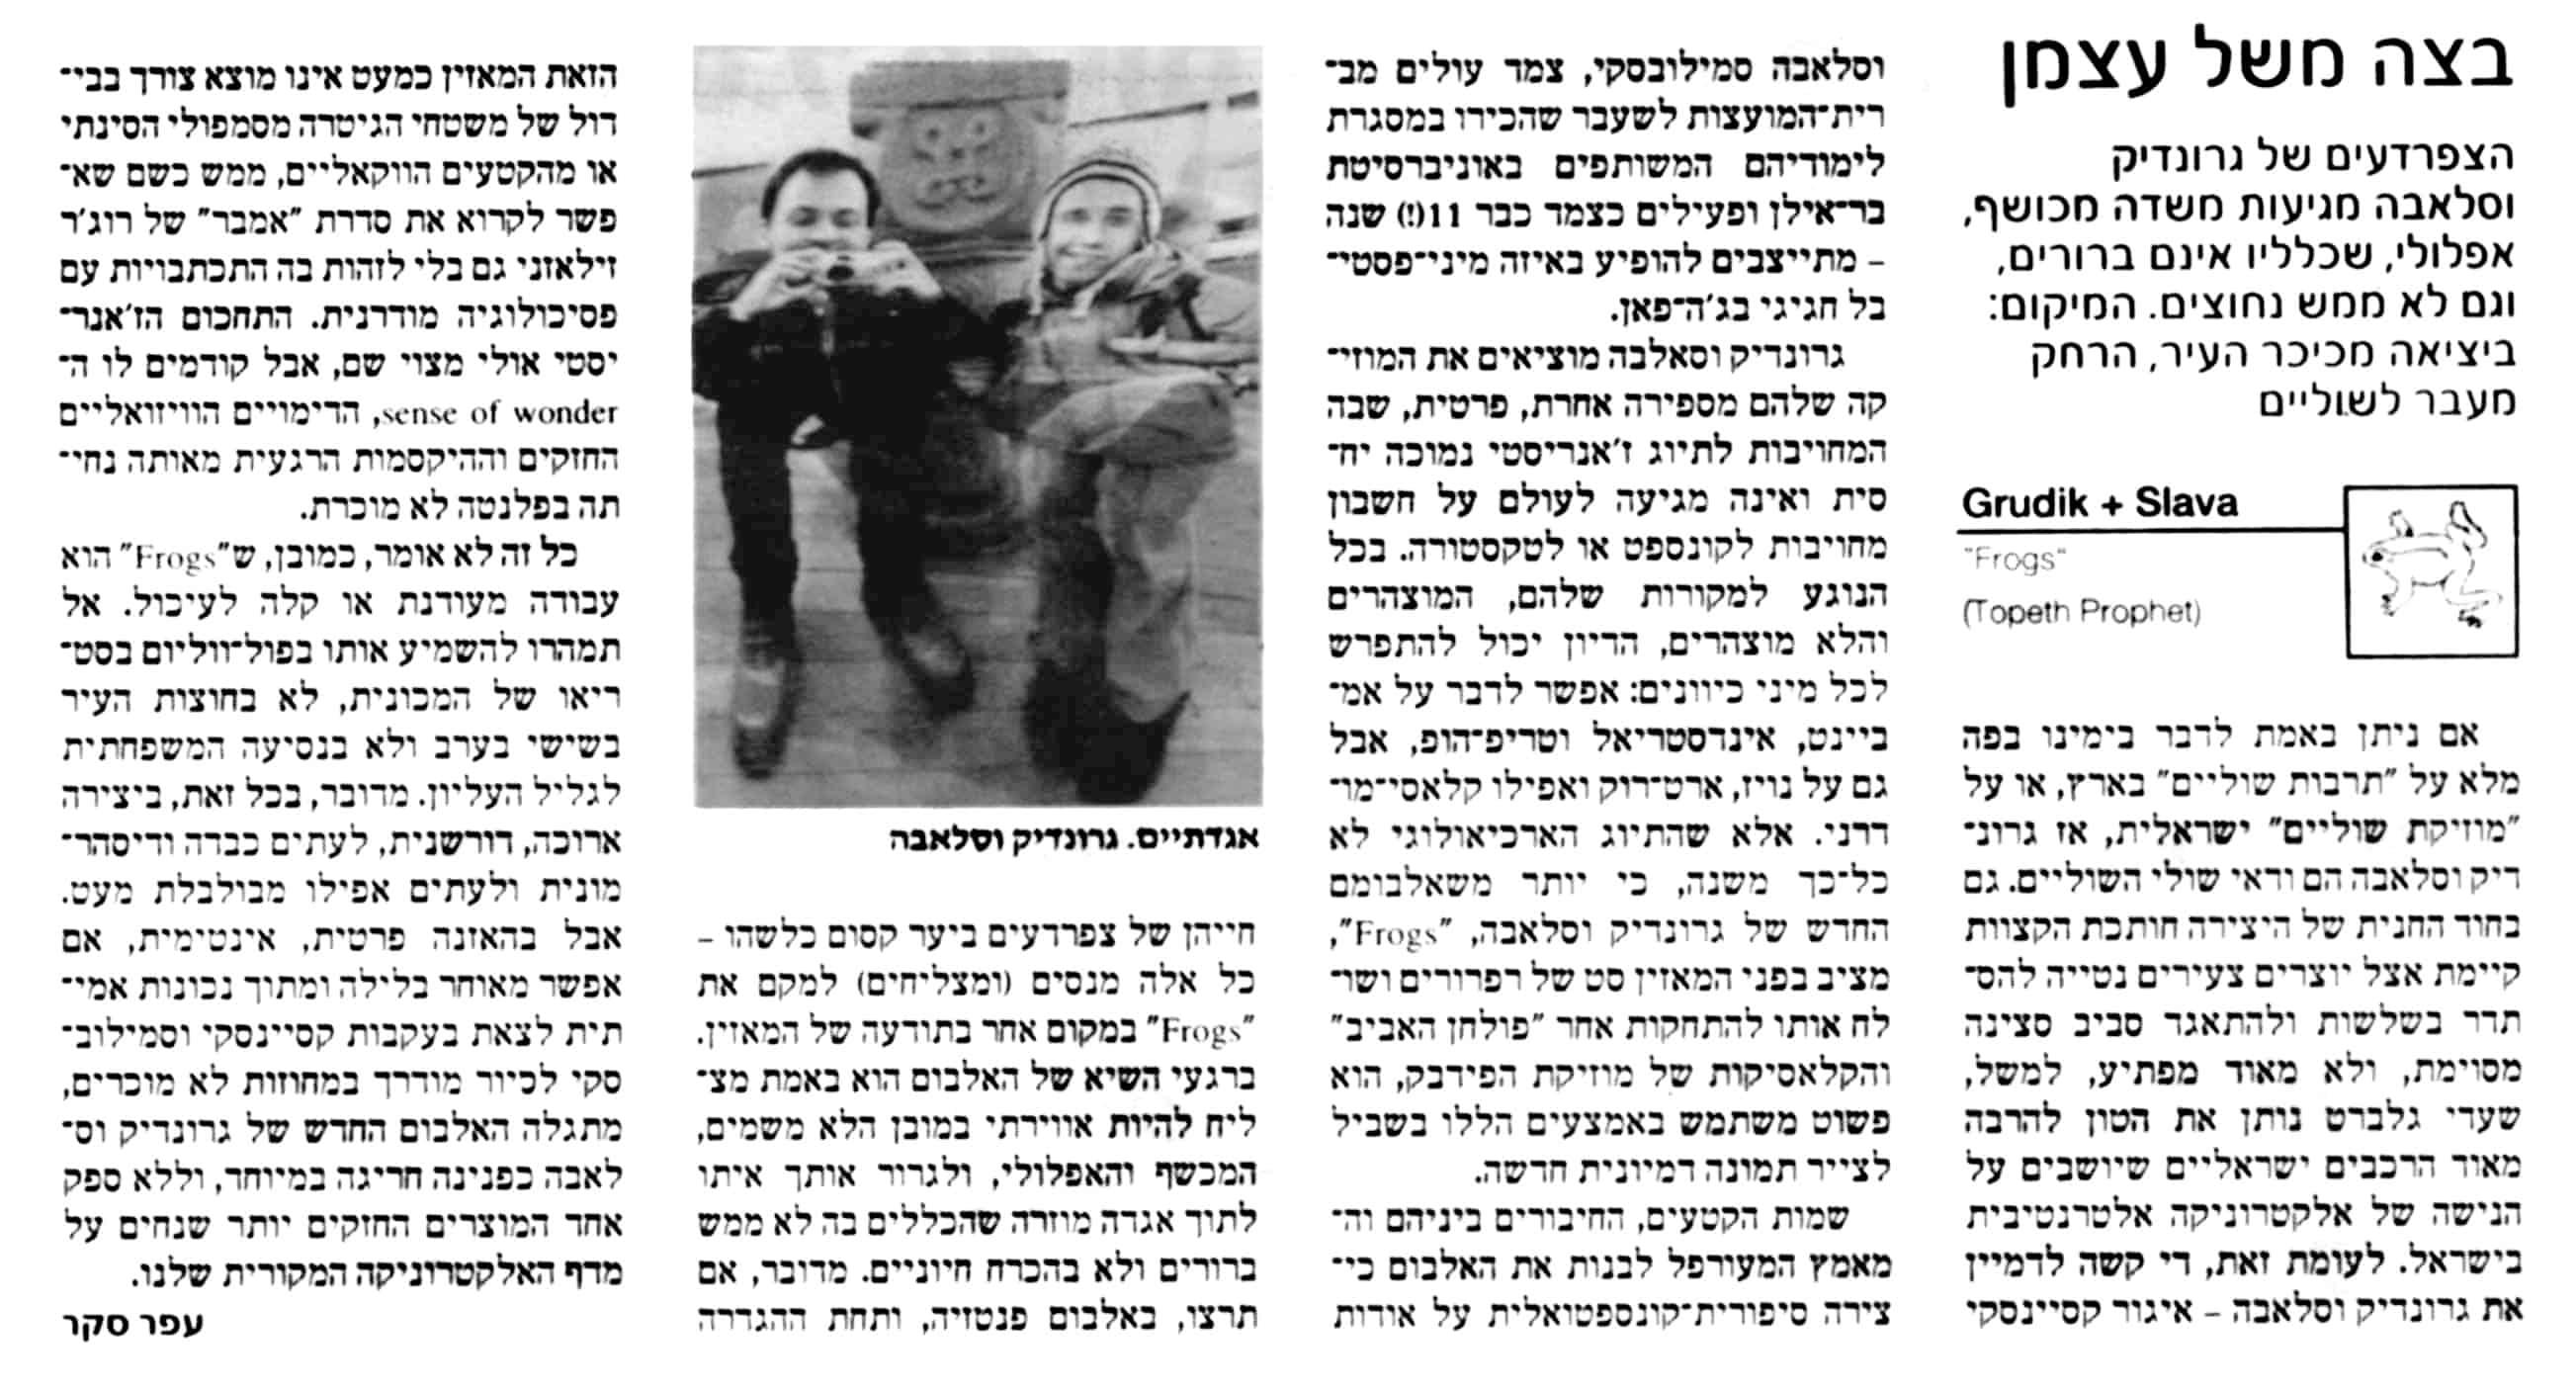 g a001 - Betsa Meshel Azman, Kol Ha-Ir, Frogs